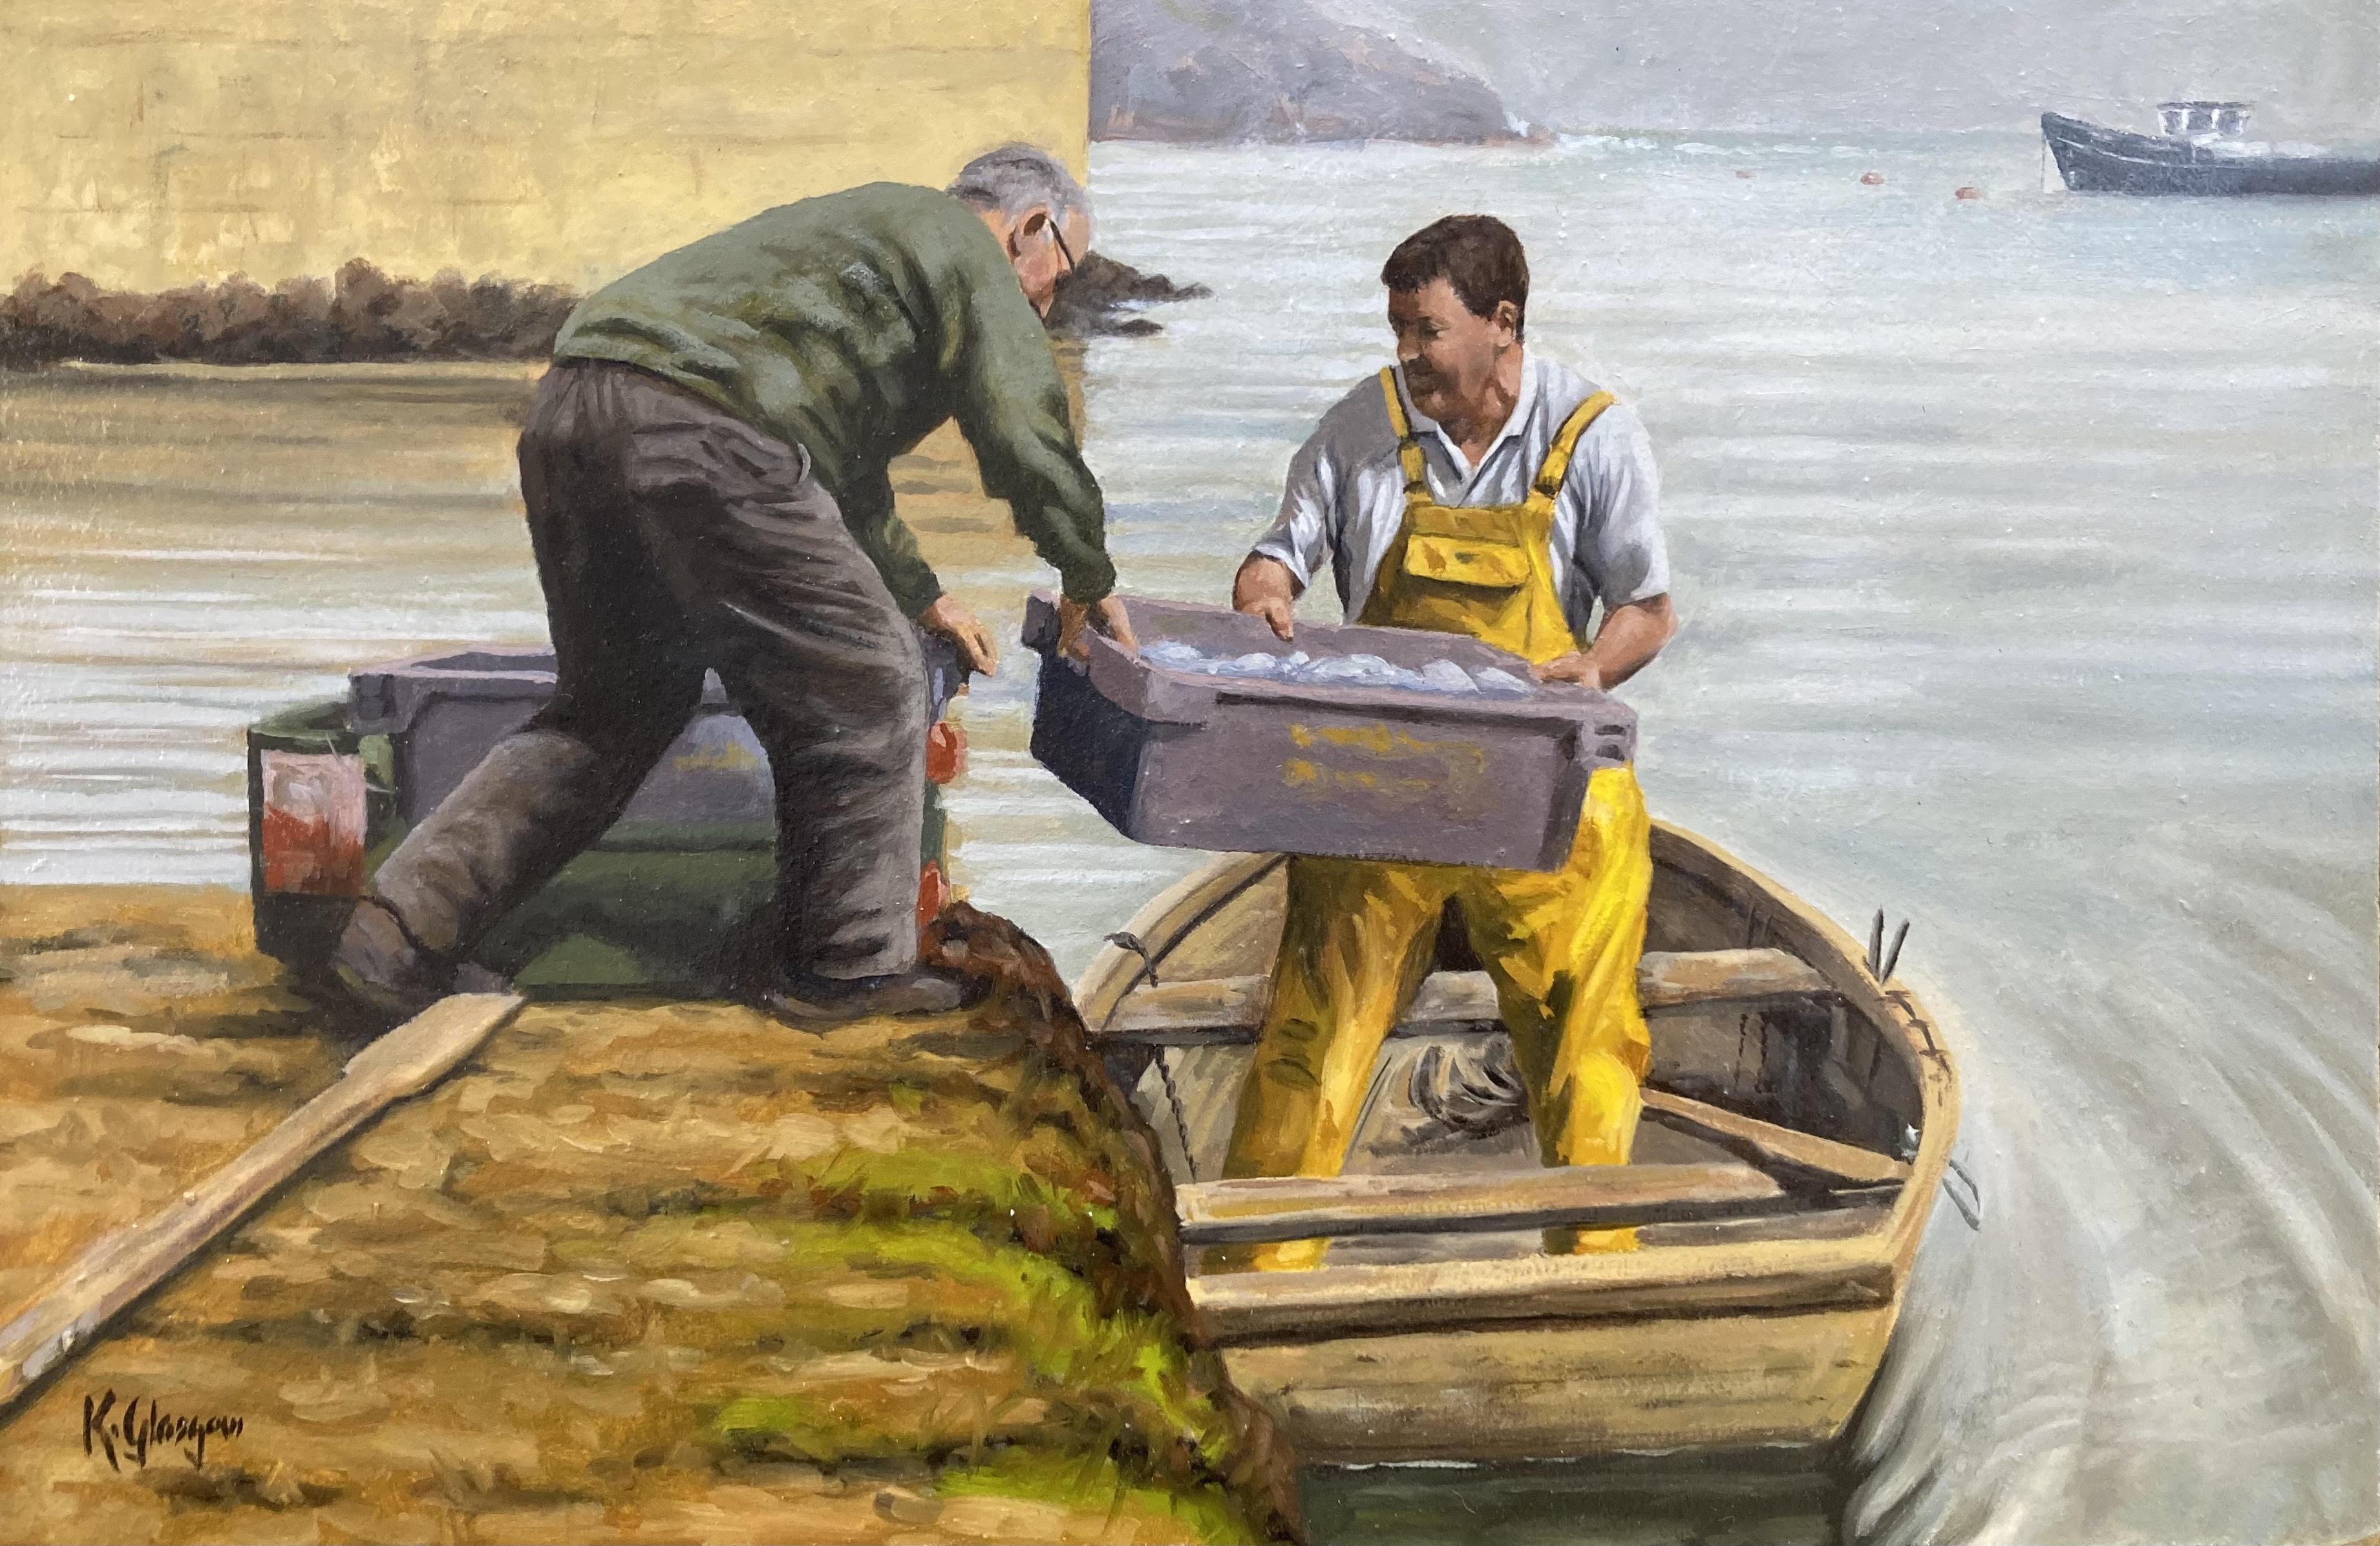 Mayo Fishermen by Keith Glasgow